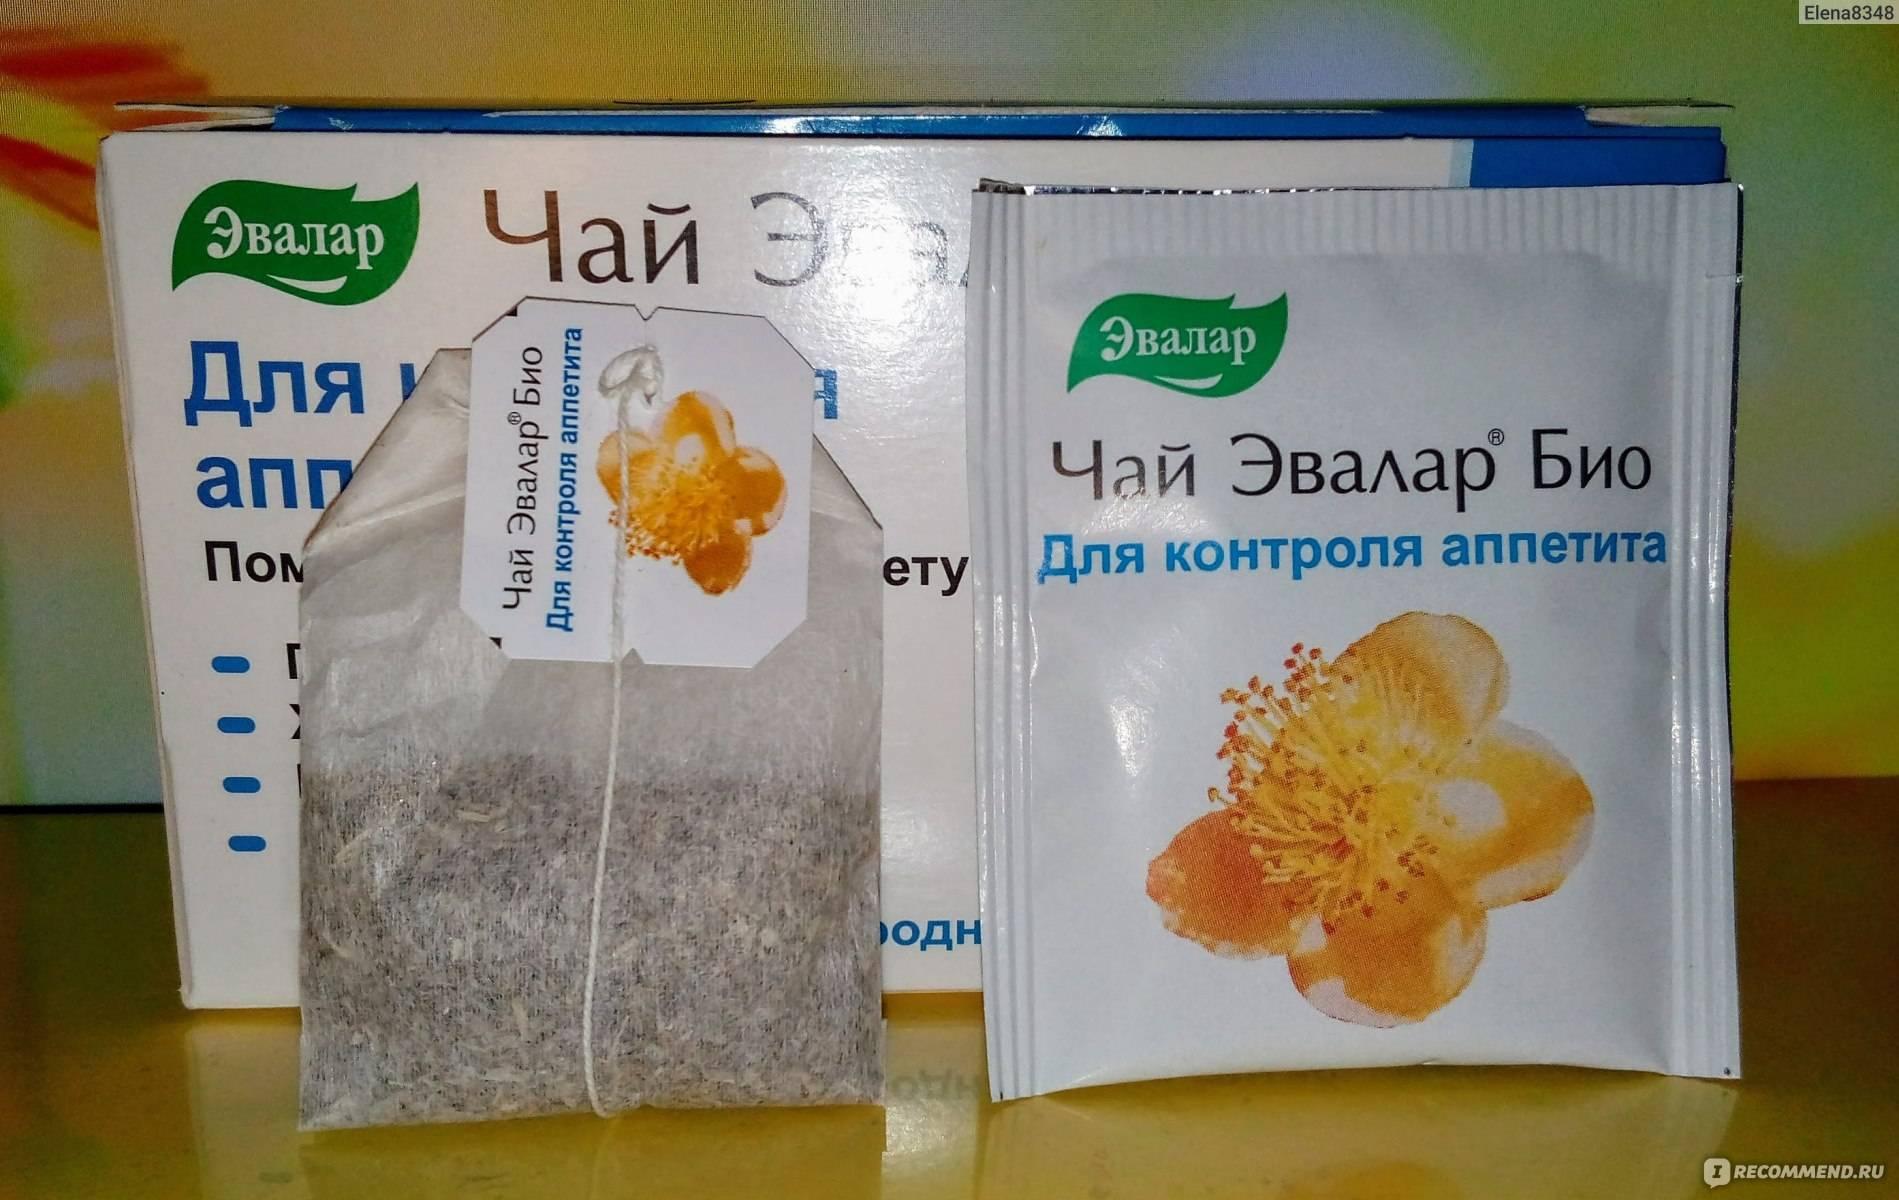 Употребление травяного чая эвалар для контроля аппетита